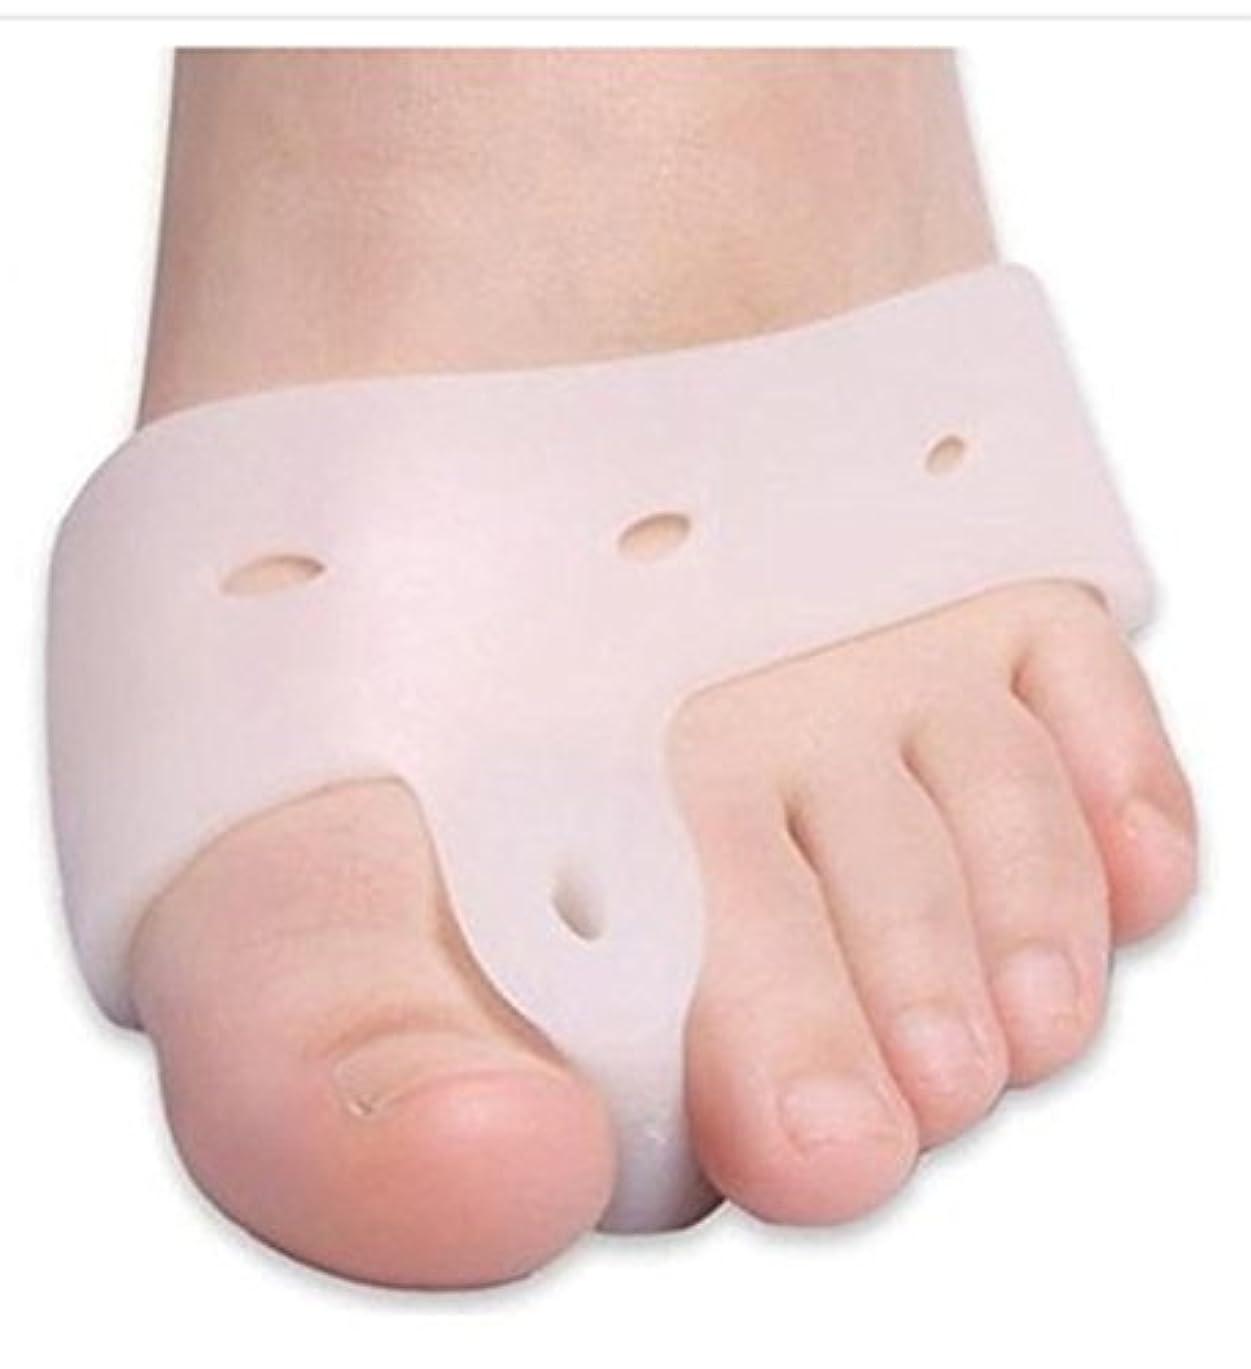 平等近似イースターWorld Star® Original Deluxe Bunion Pad & Toe Spacer - 2 Pieces - Soft Gel Toe Separators for Active People - Pain...